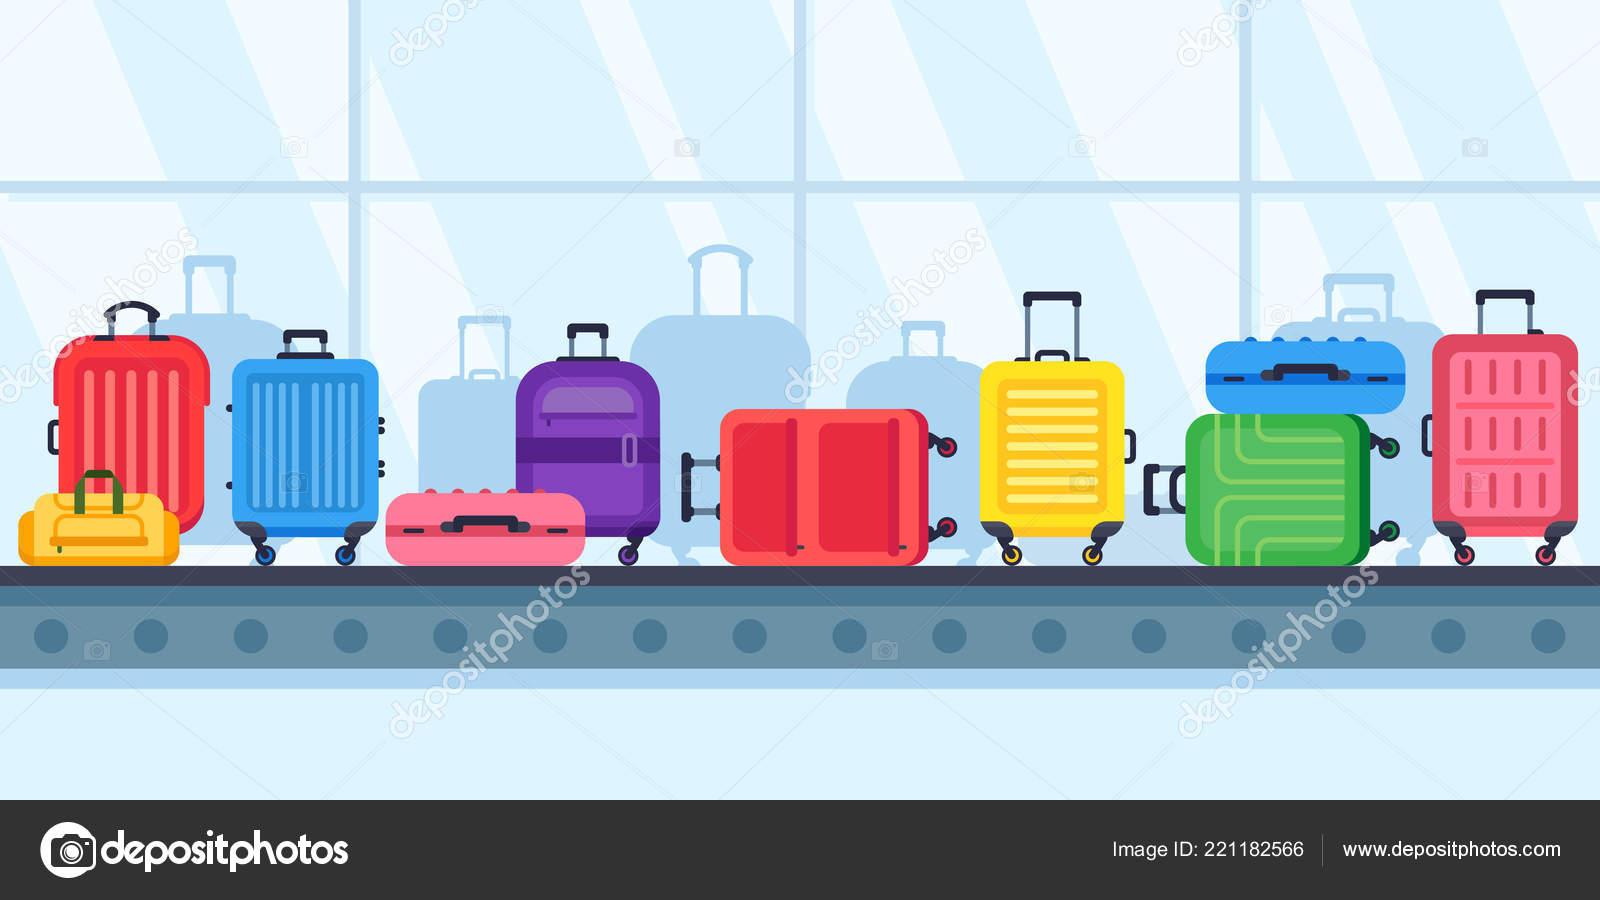 65e3f83fe2 Ιμάντες μεταφοράς αποσκευών. Βαλίτσες ταξιδίου στο αεροδρόμιο καρουσέλ  αποσκευές